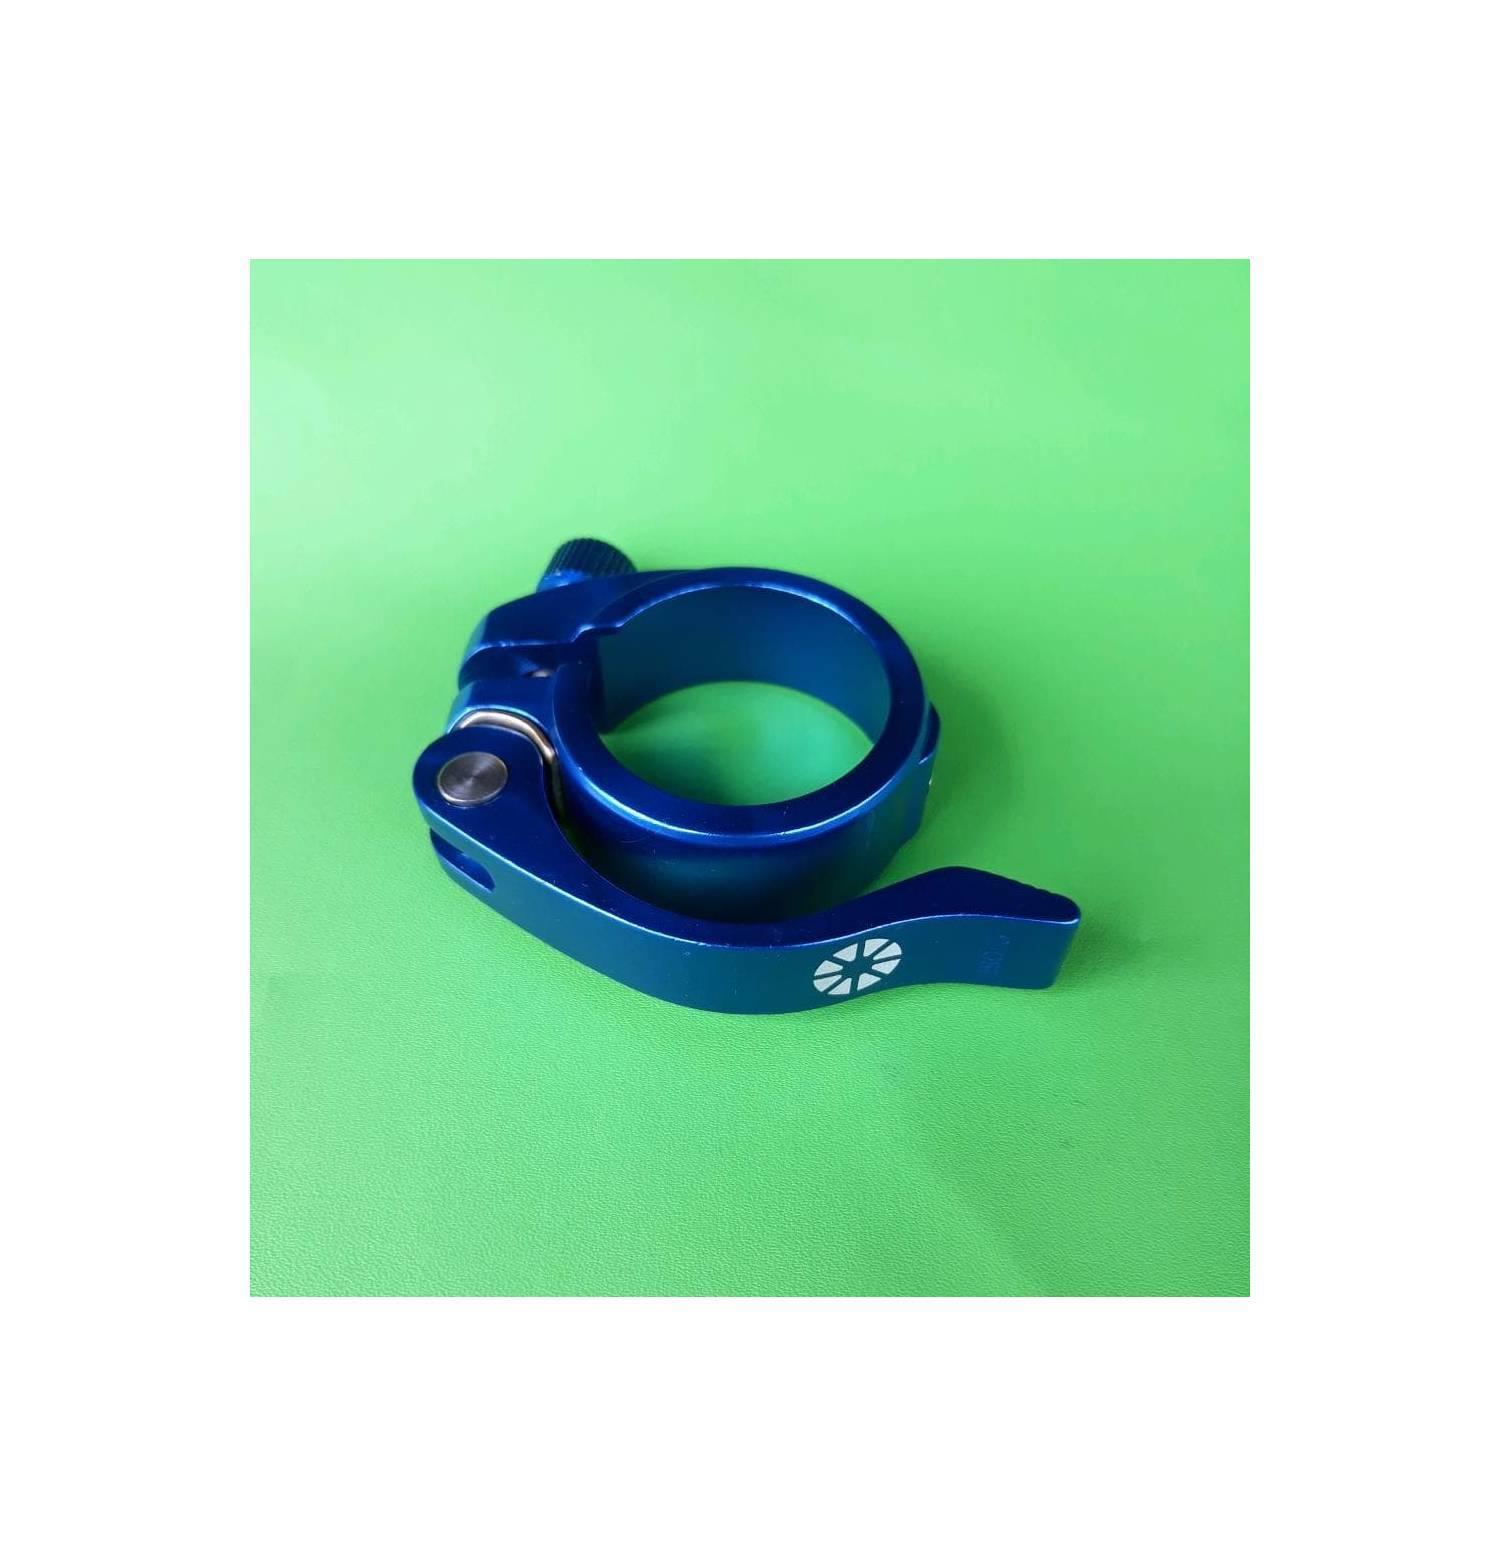 Beli Dahon Roo Store Marwanto606 Produk Ukm Bumn Earring Mas Putih Mutiara Laut Limited Edition Seatclamp 40 9mm Seatpost Clamp Sepeda Lipat Wa